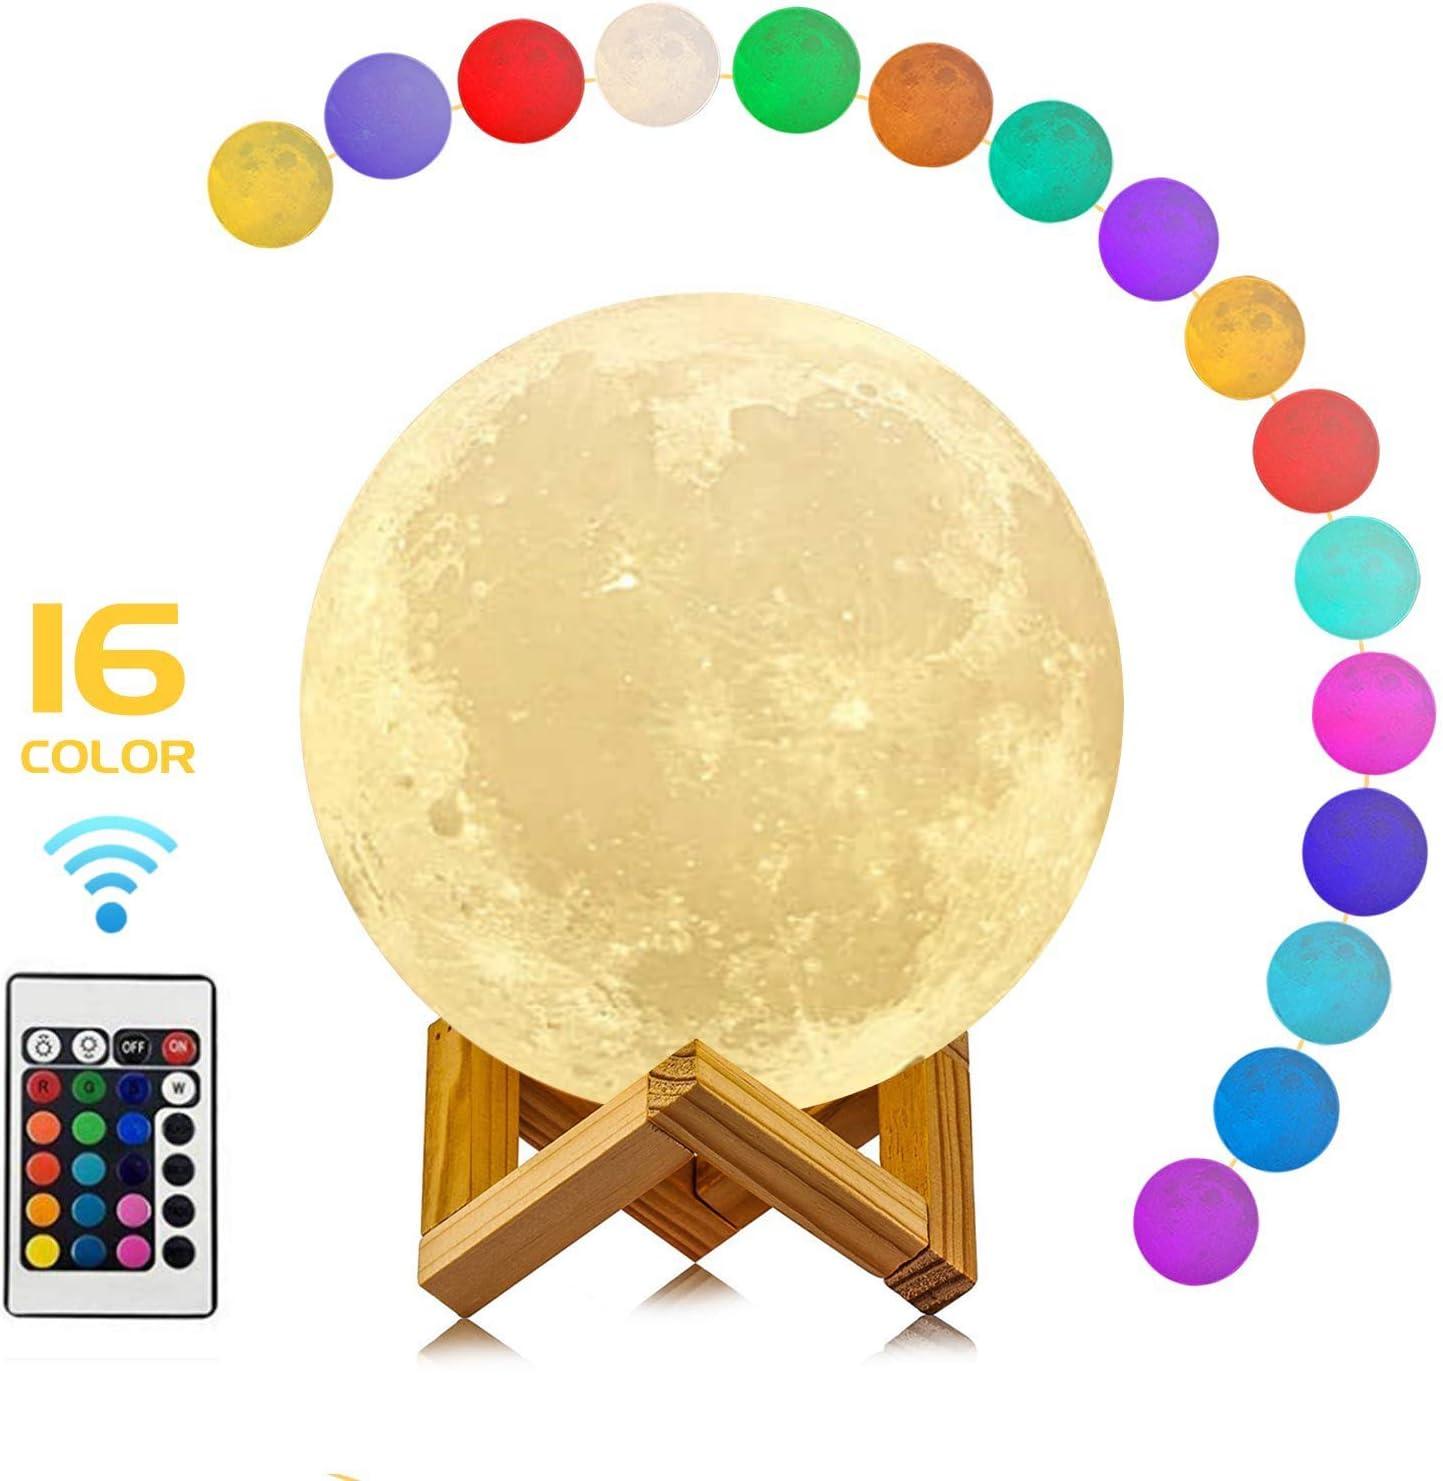 CYMY Luz LED de Luna de 16 Colores con impresión en 3D con Soporte y Control Remoto y táctil y USB Recargable - Los Mejores Regalos para los Amantes de los niños bebés